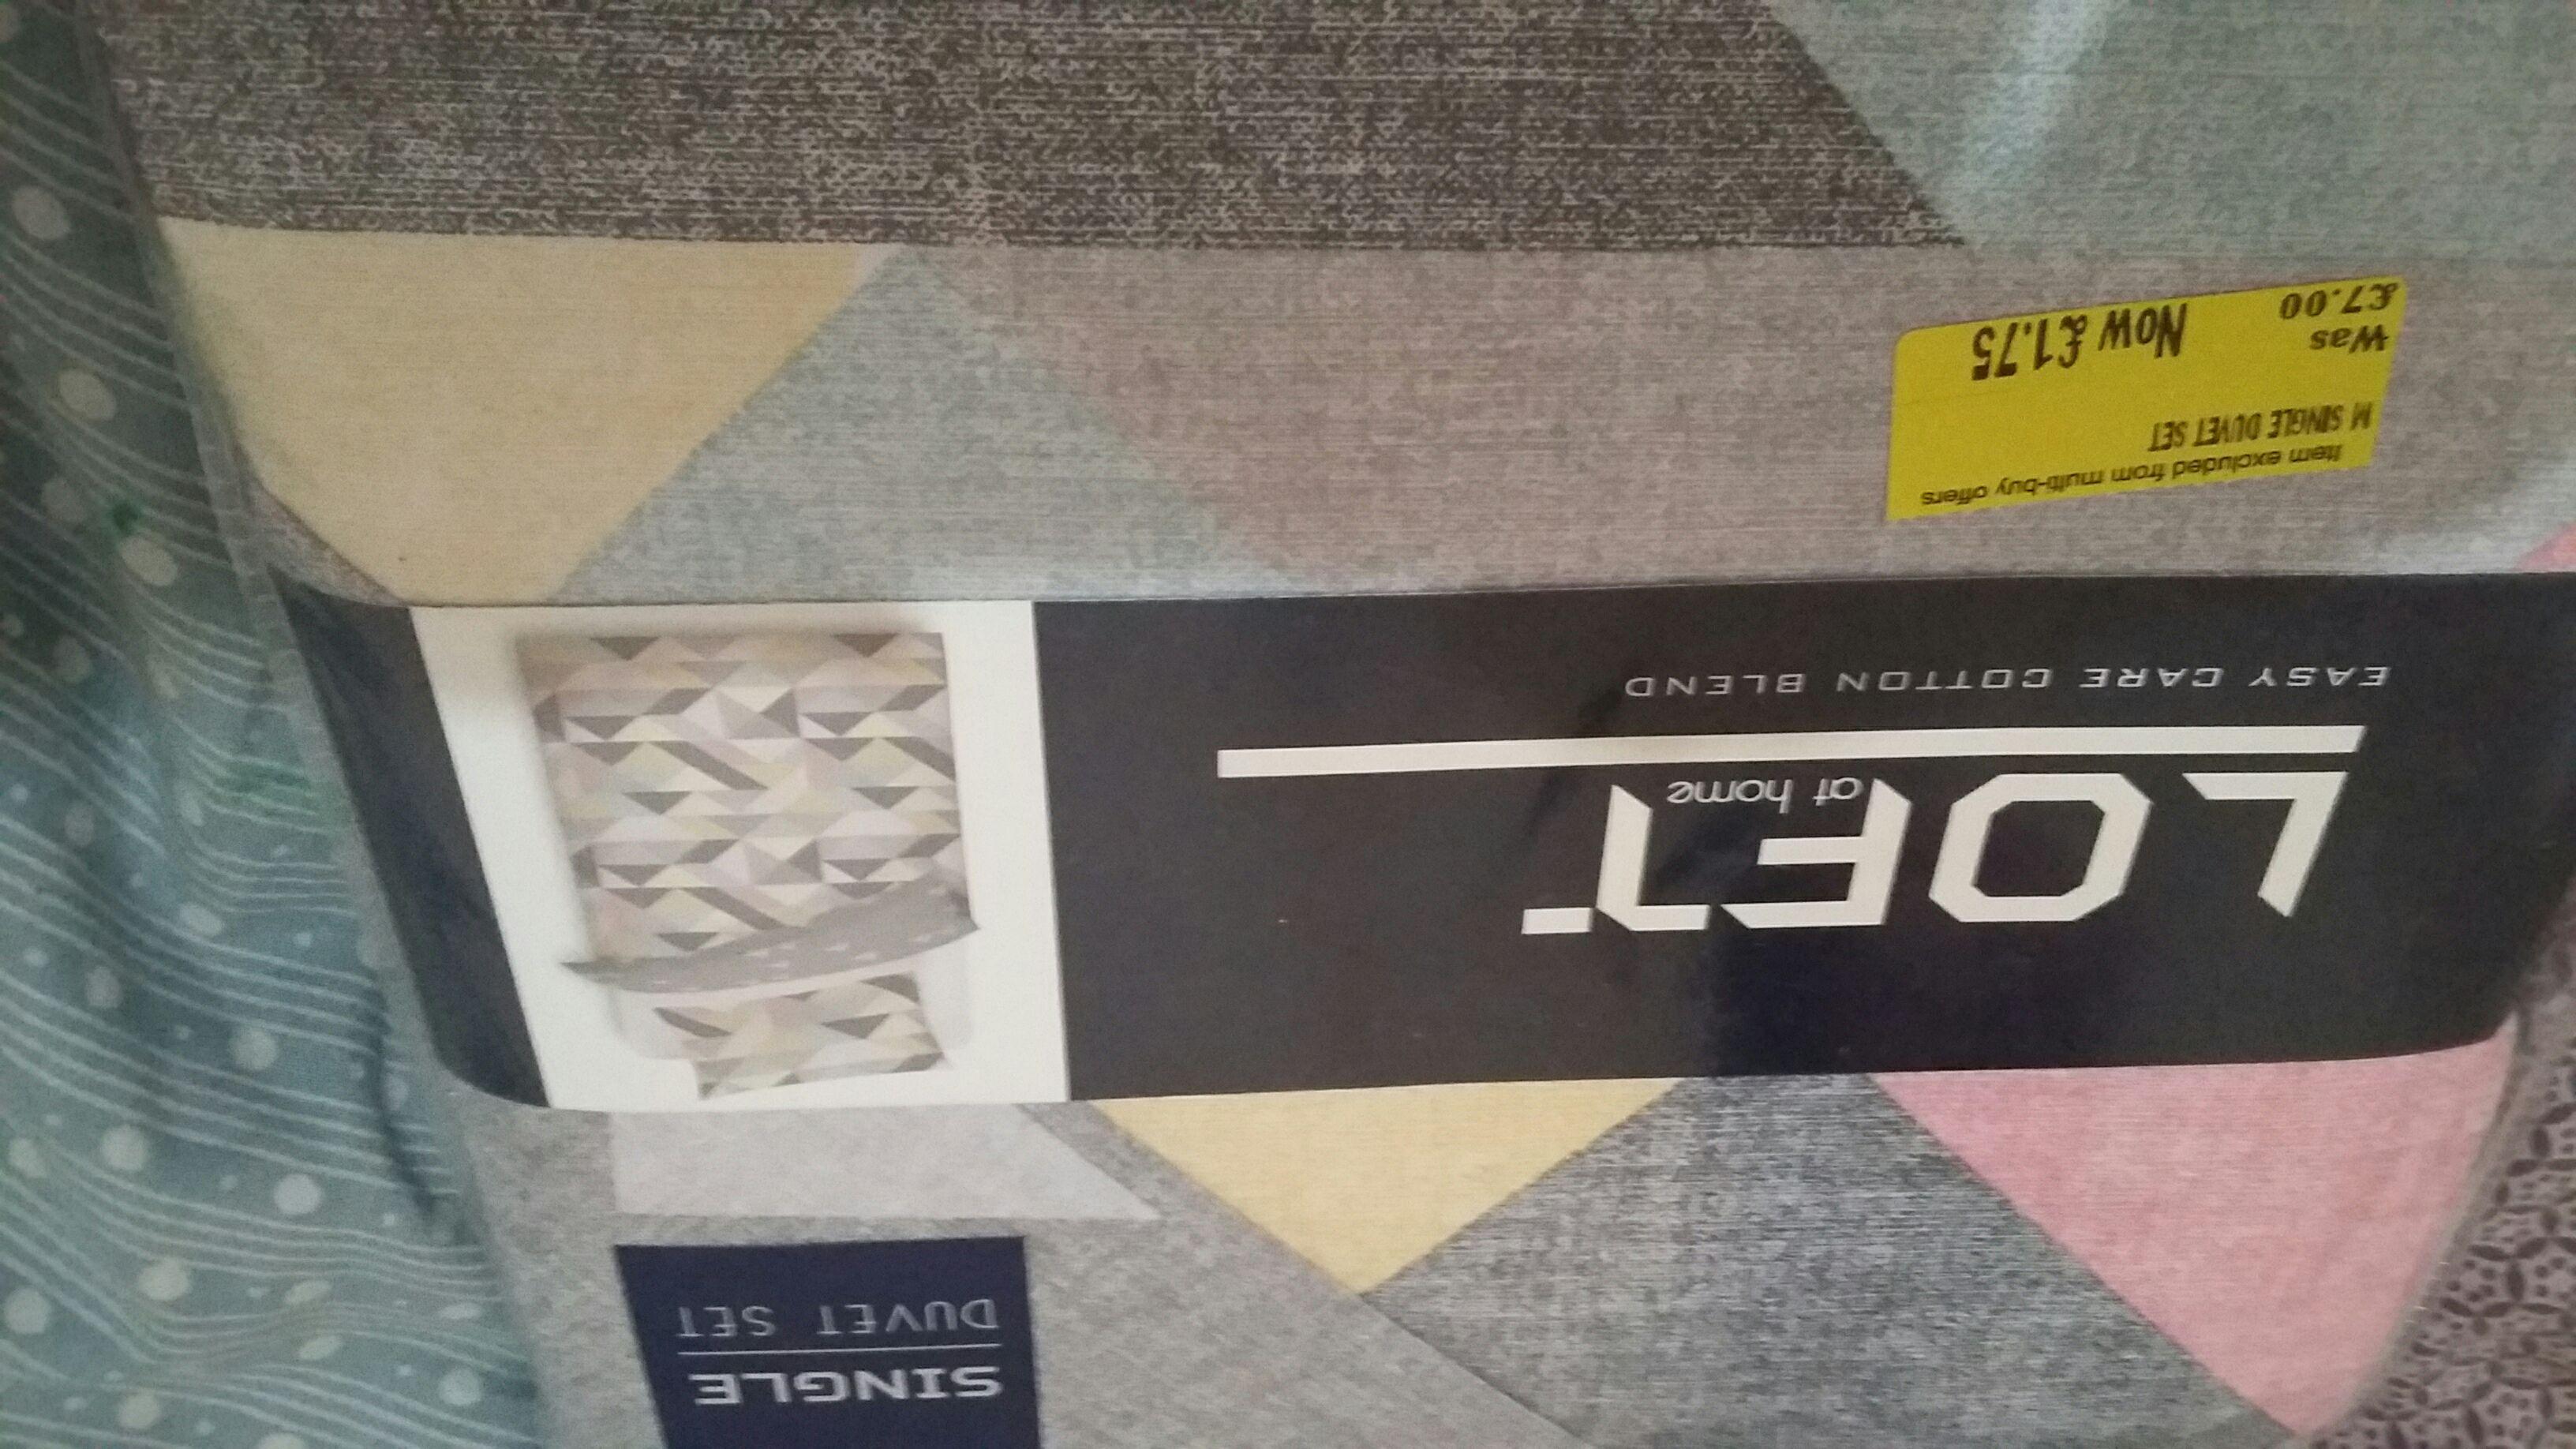 Single Duvet Set instore @ Morrisons - Byker for £1.75